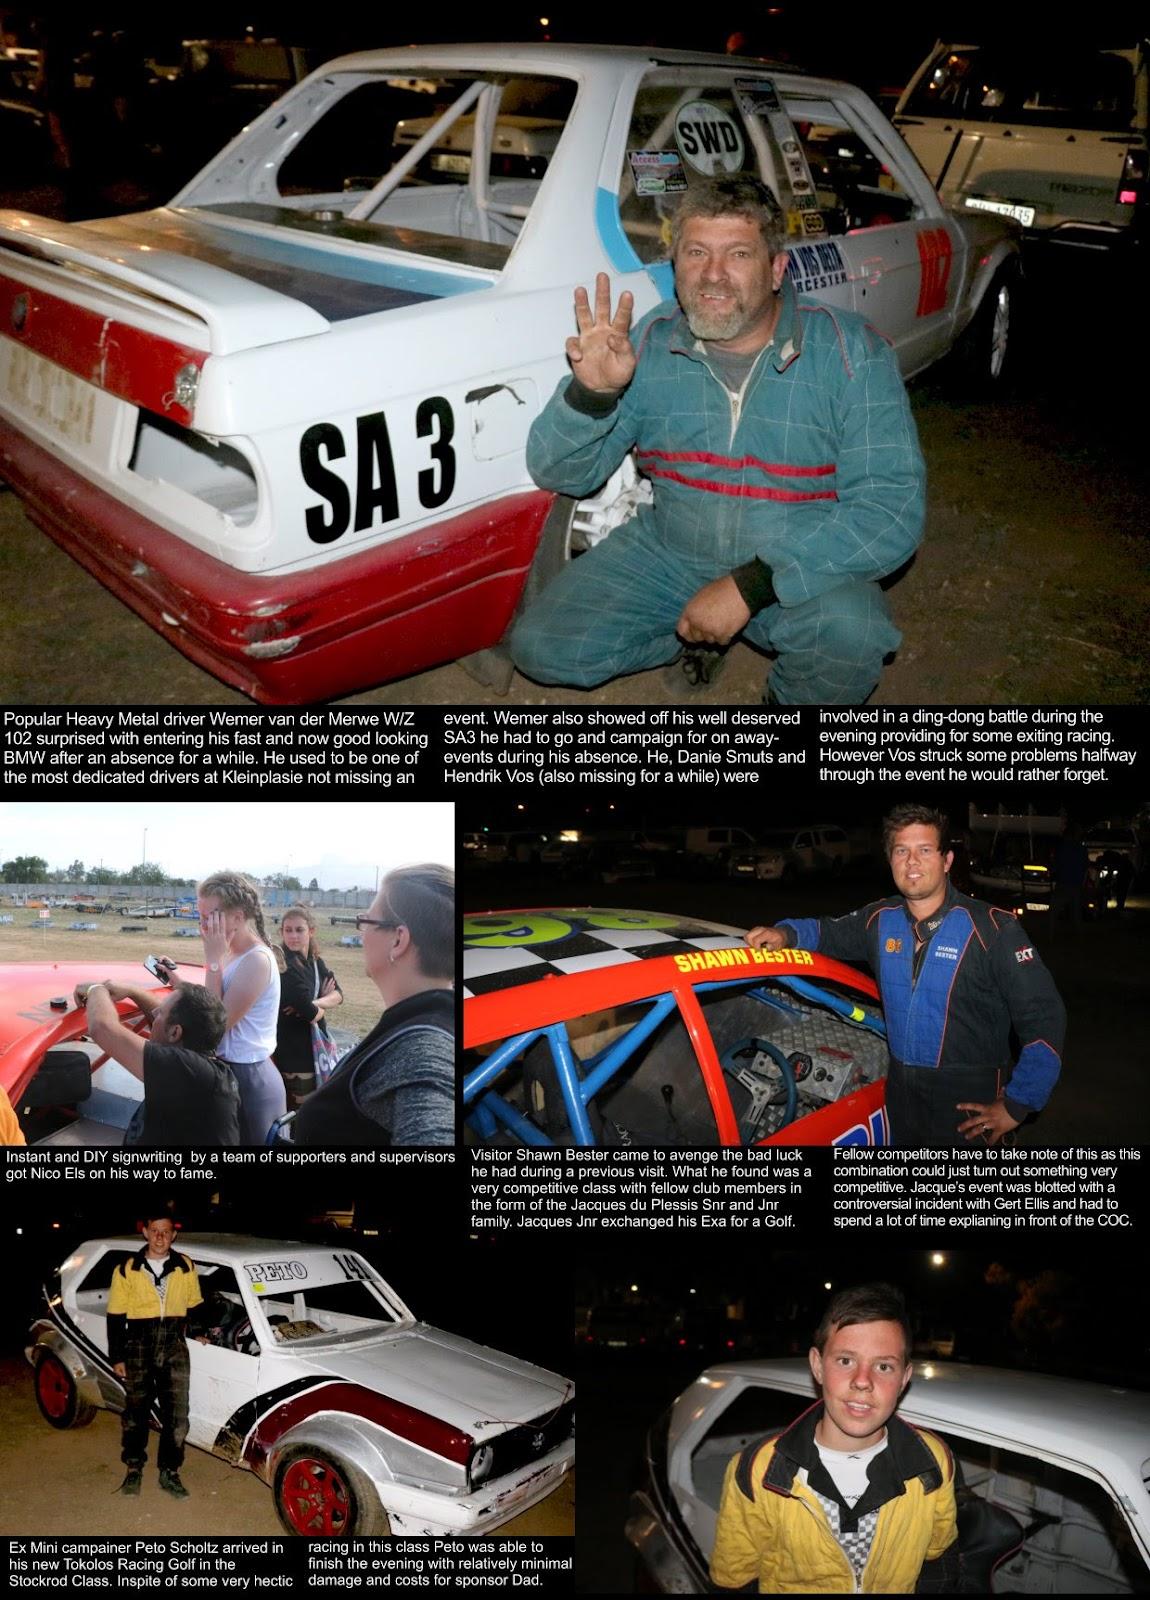 http://fb.megaoval.com/comments.htm